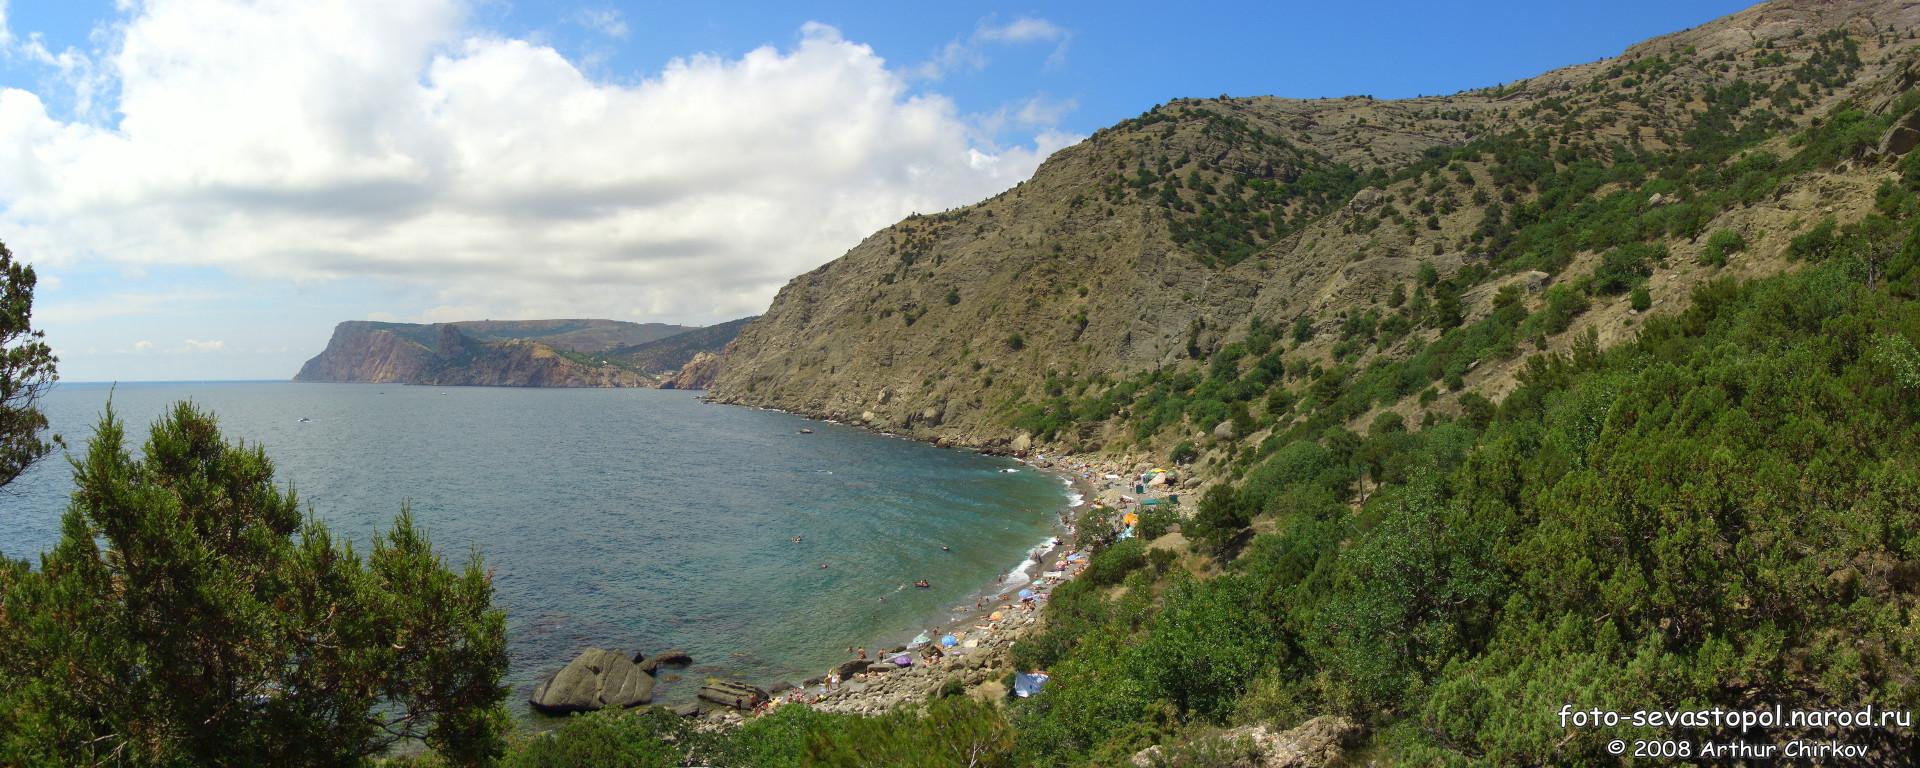 Фото золотого пляжа балаклавы